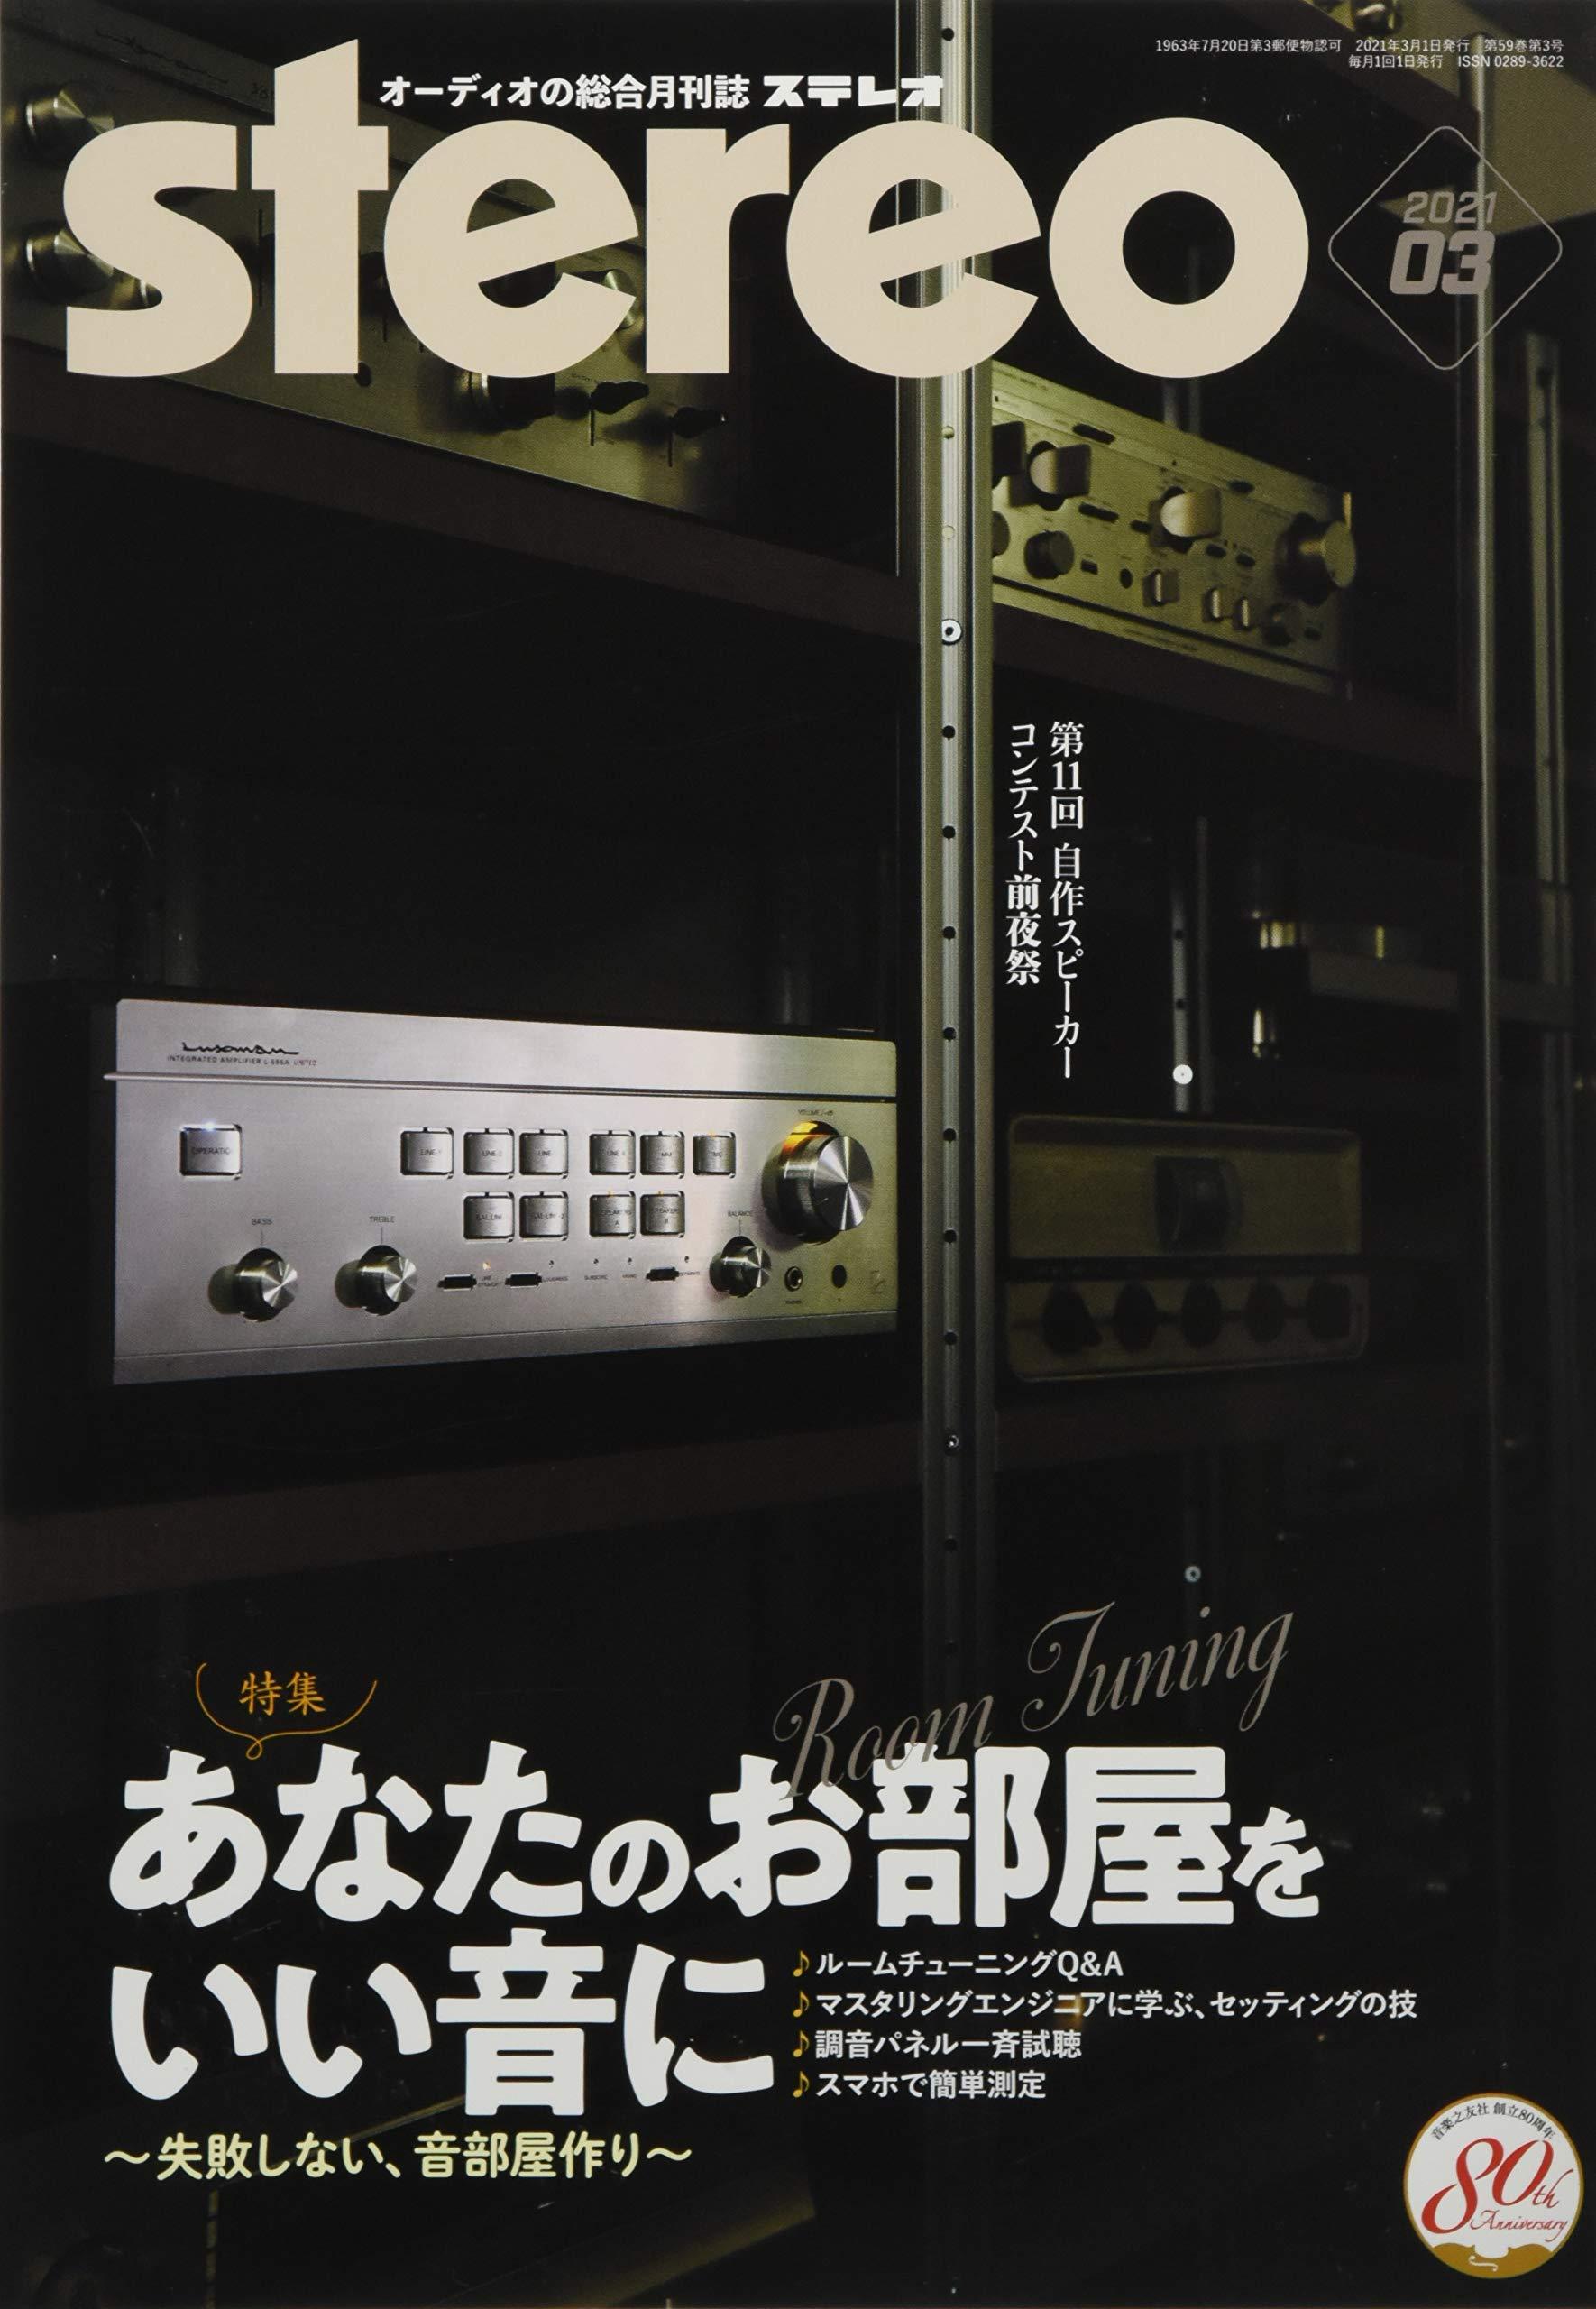 雑誌『stereo』3月号発売!